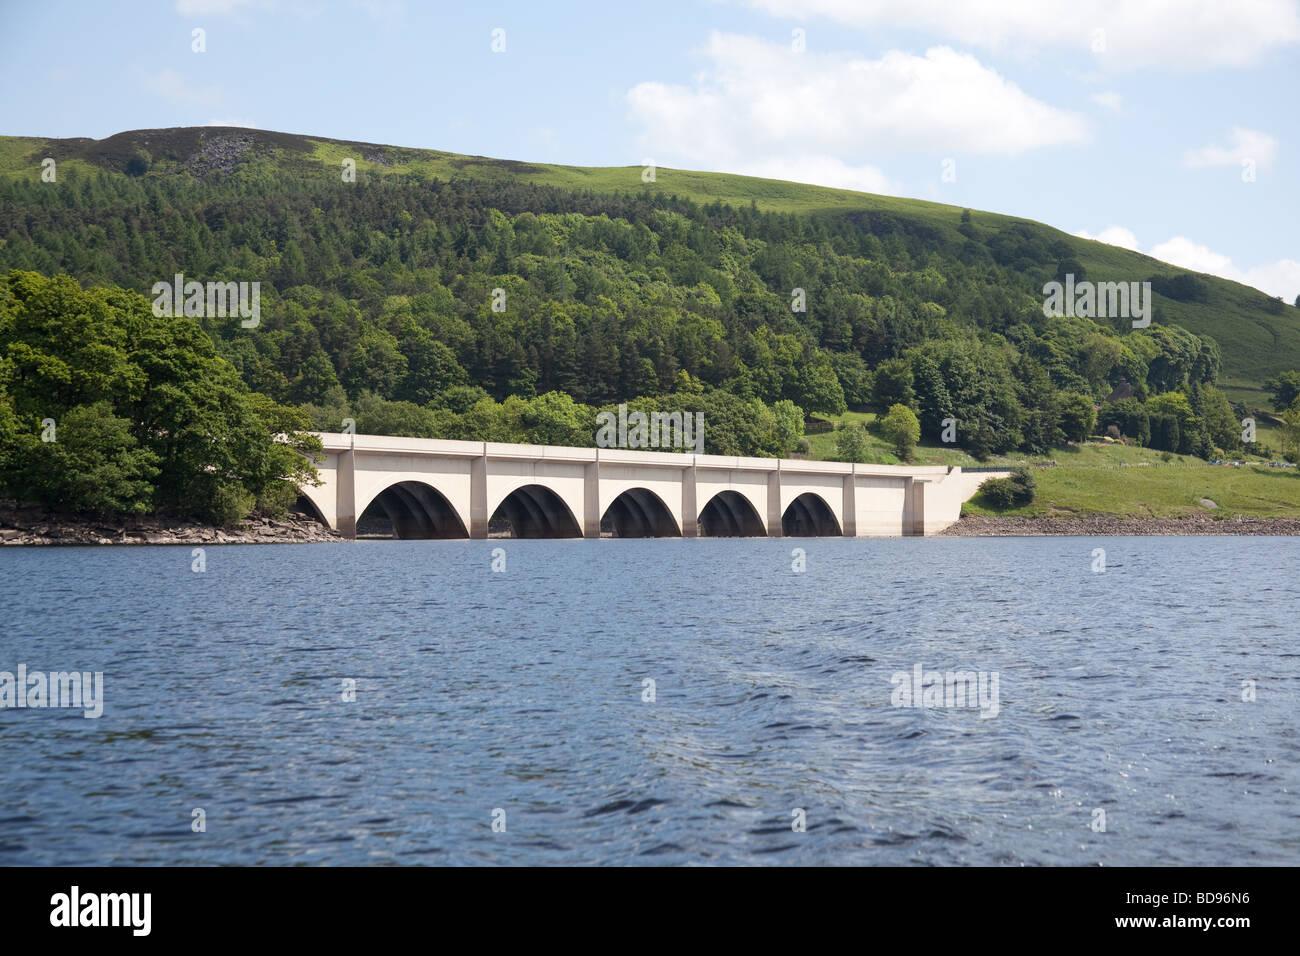 Ladybower reservoir , Bamford, Derbyshire, England. - Stock Image